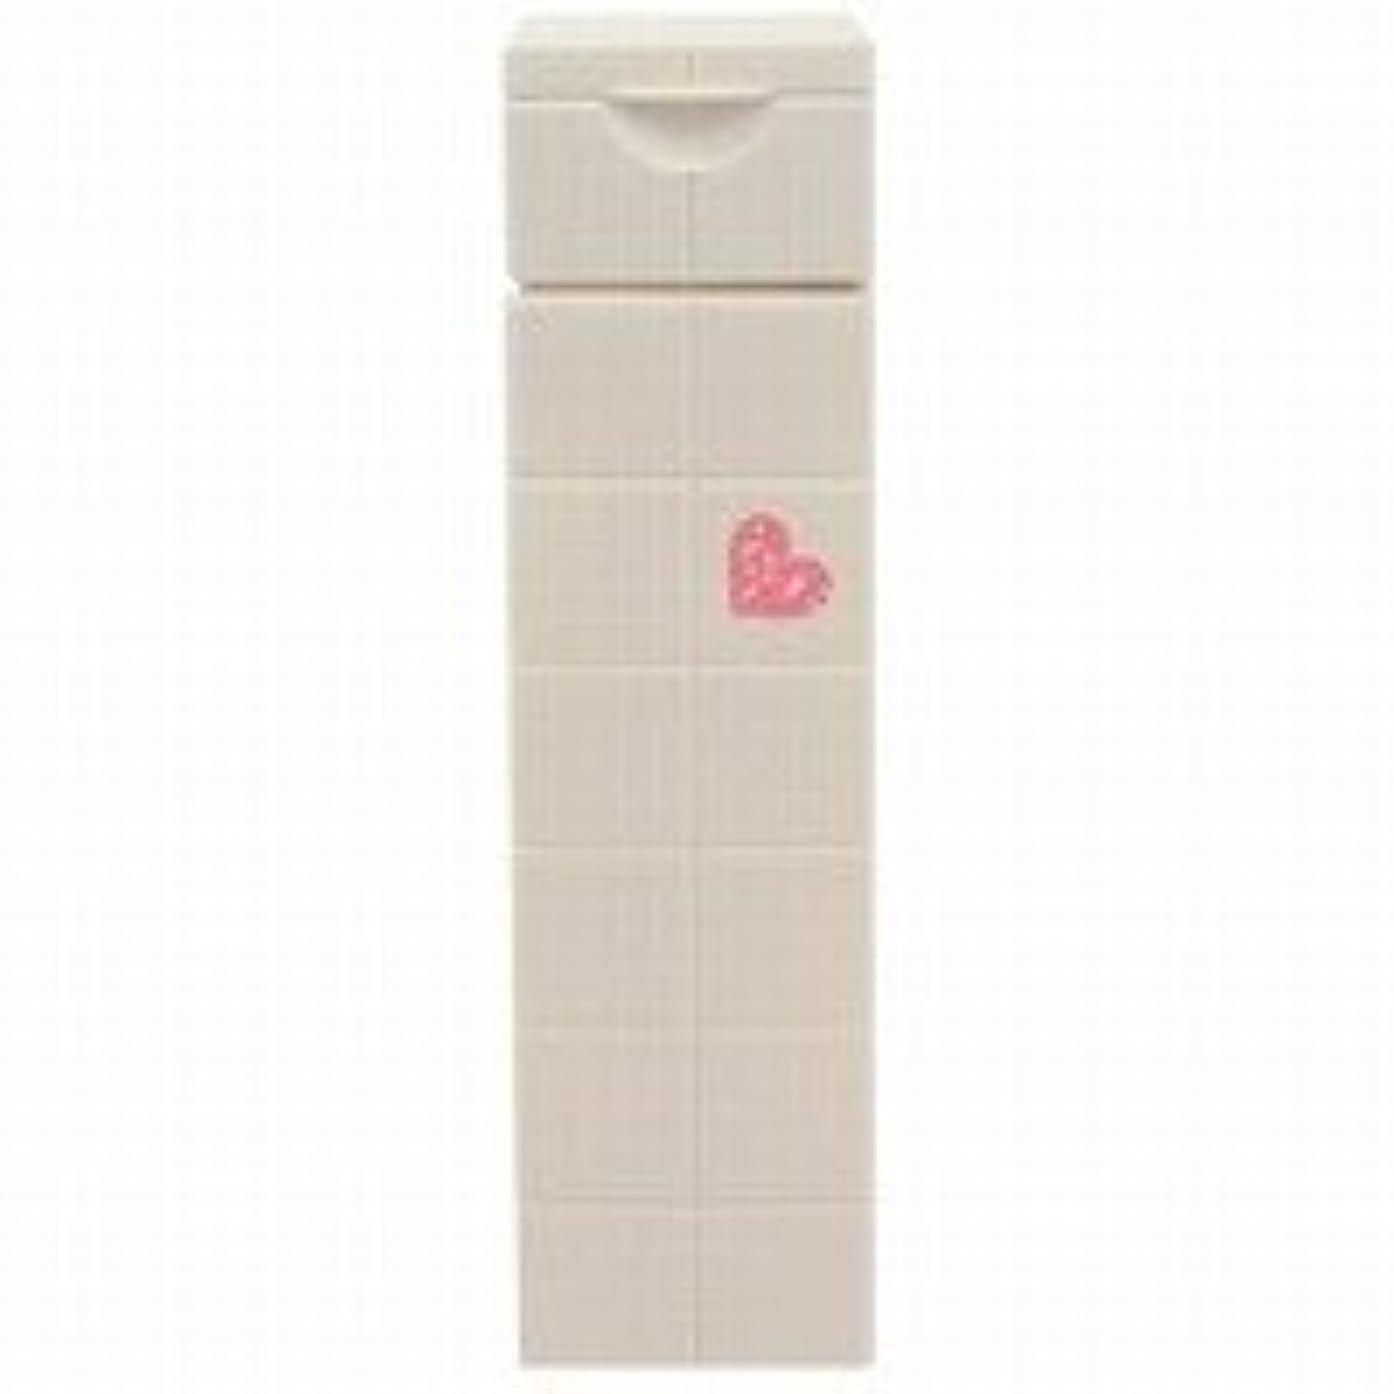 びんランタン収まる【X2個セット】 アリミノ ピース プロデザインシリーズ モイストミルク バニラ 200ml